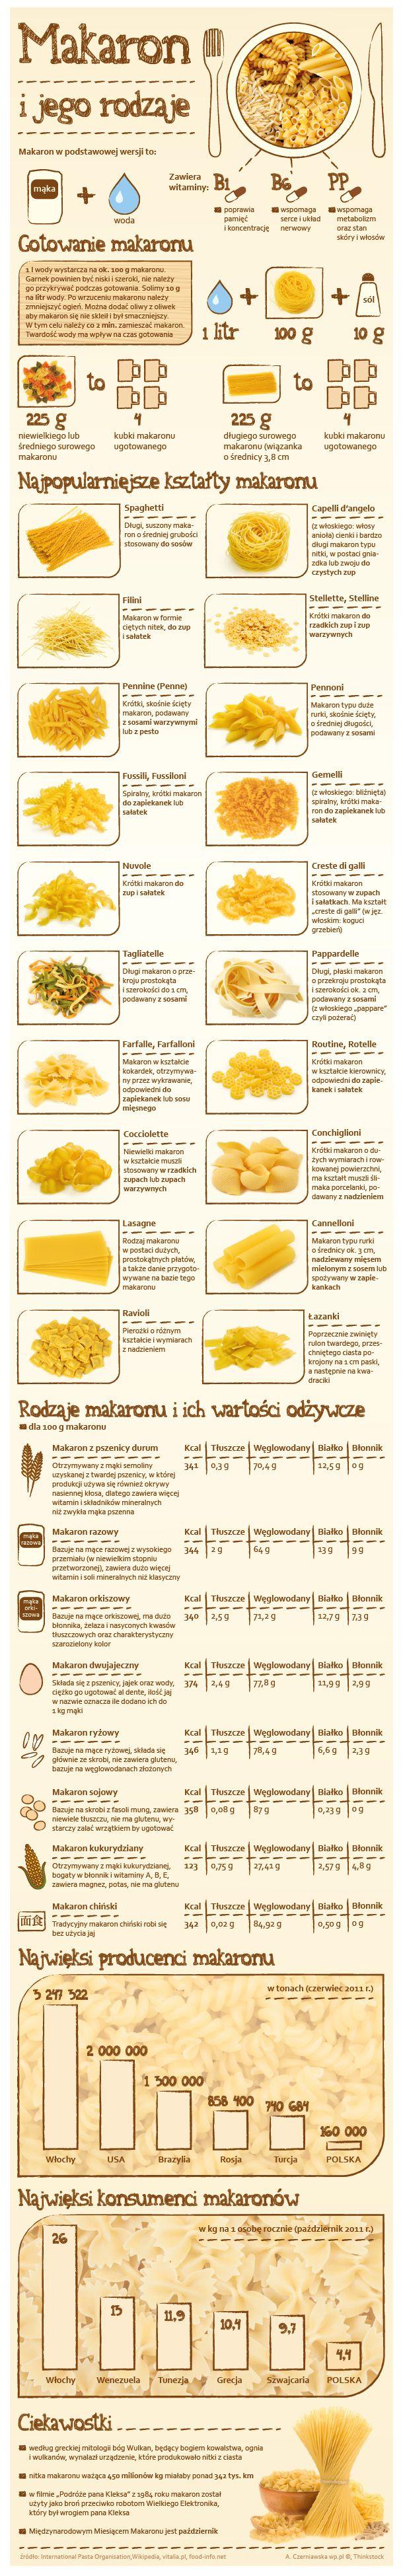 Makaron i jego rodzaje - Infografika - WP.Pl